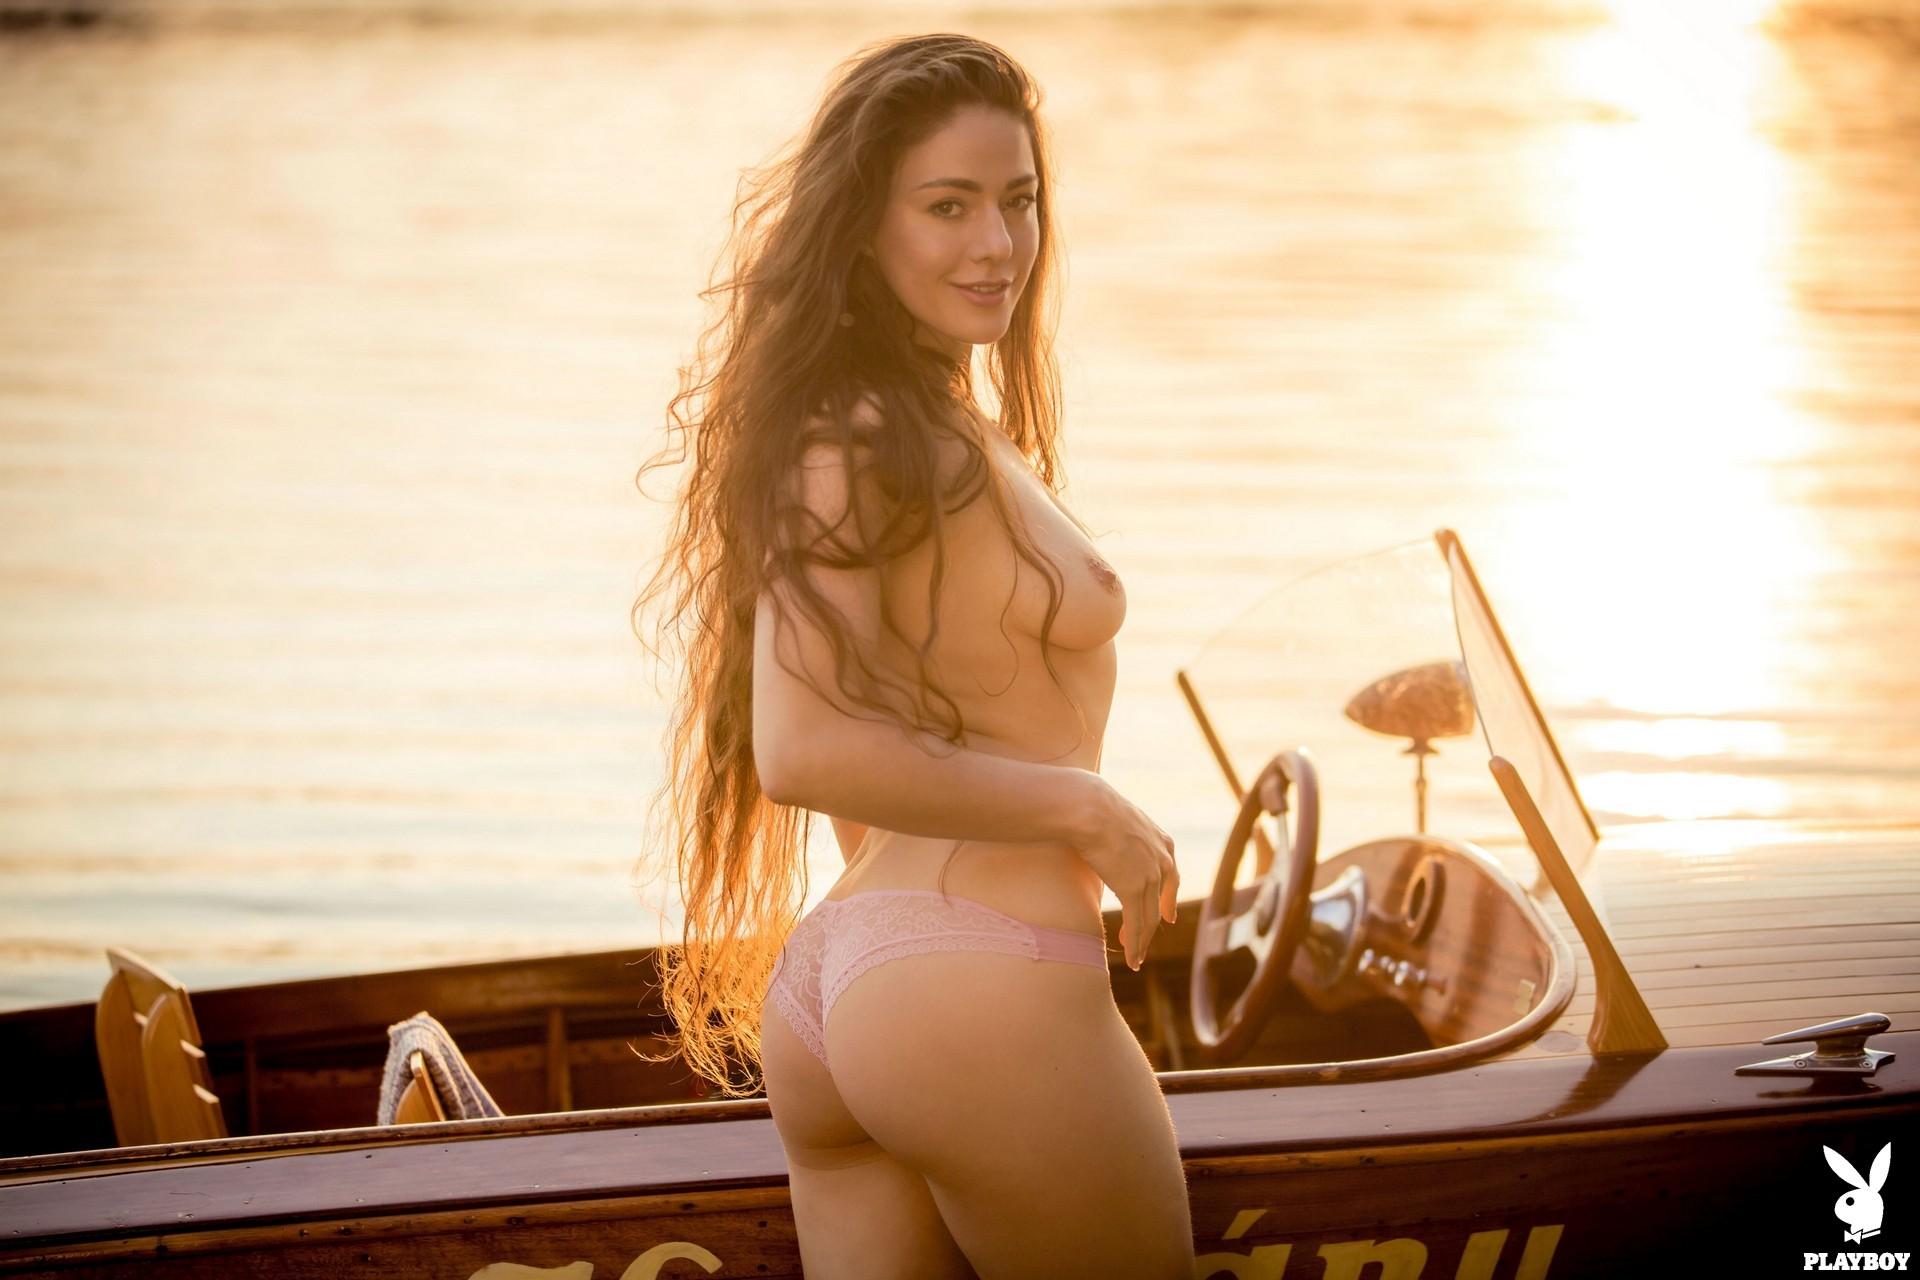 Joy Draiki in Sensational Voyage - Playboy Plus 22